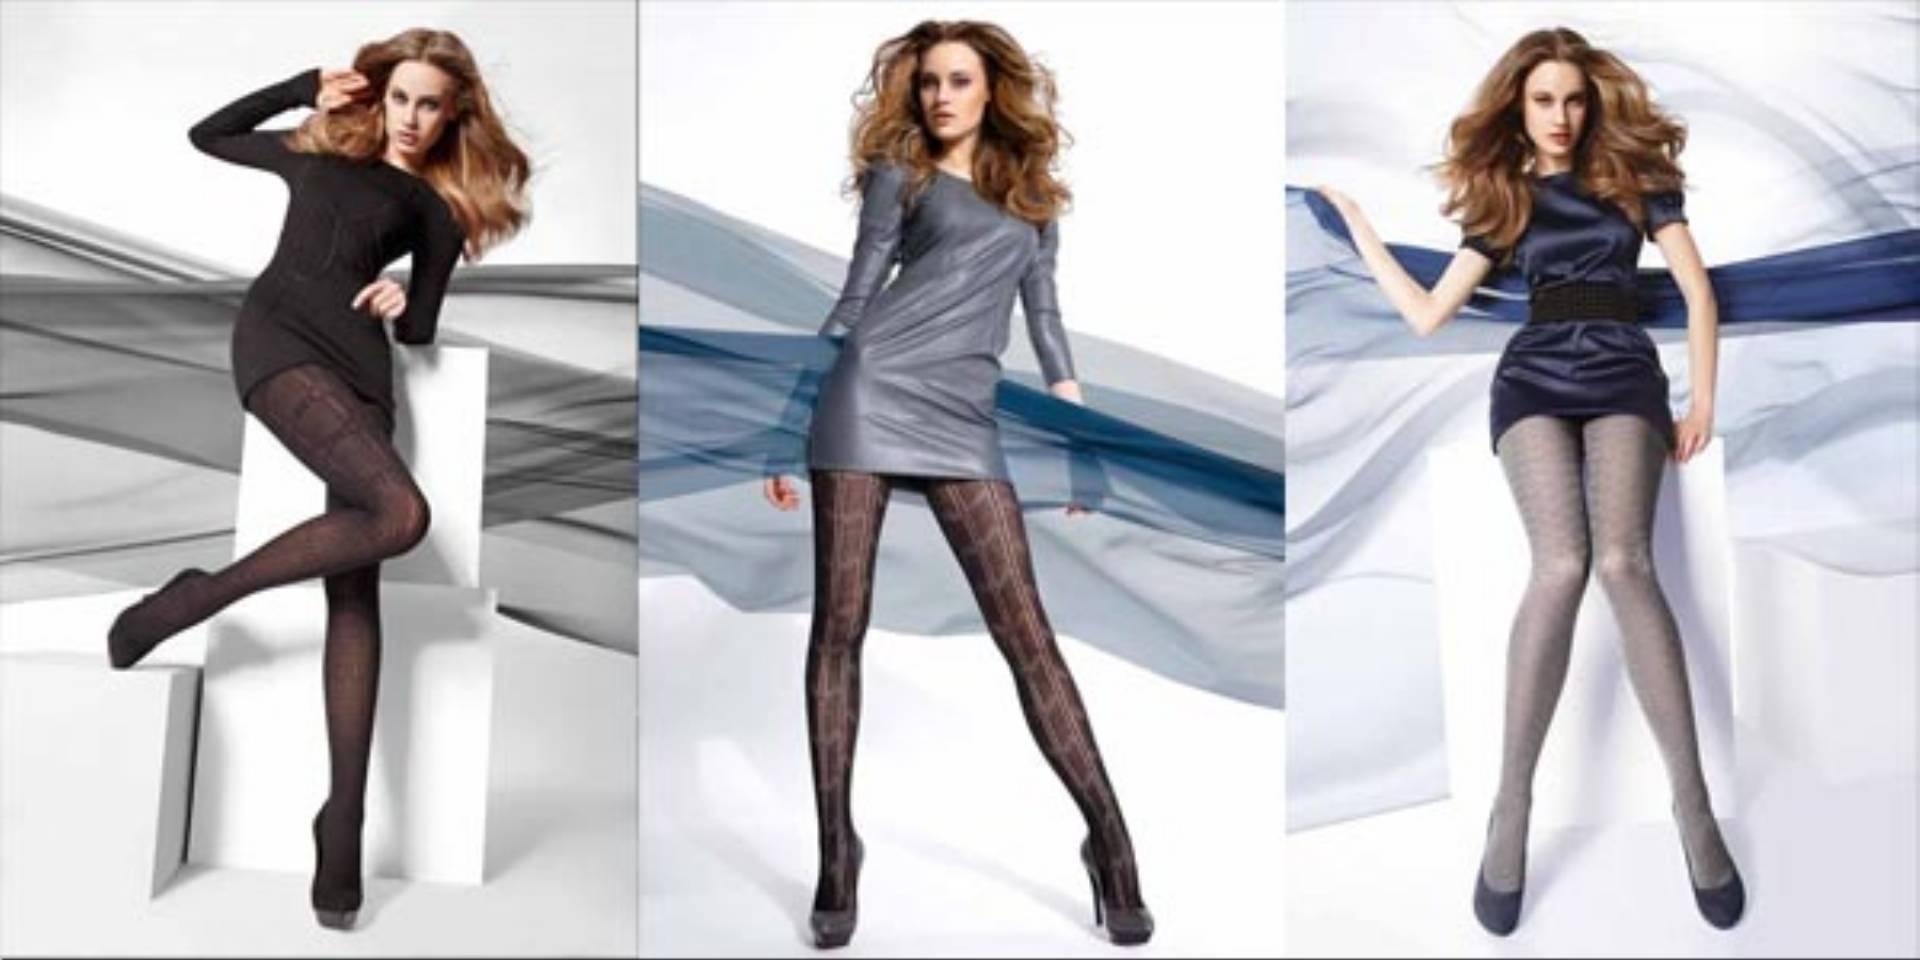 582be4cd209051 Gatta Collant - Wszystkie trendy lata w jednej kolekcji - KobietaMag.pl